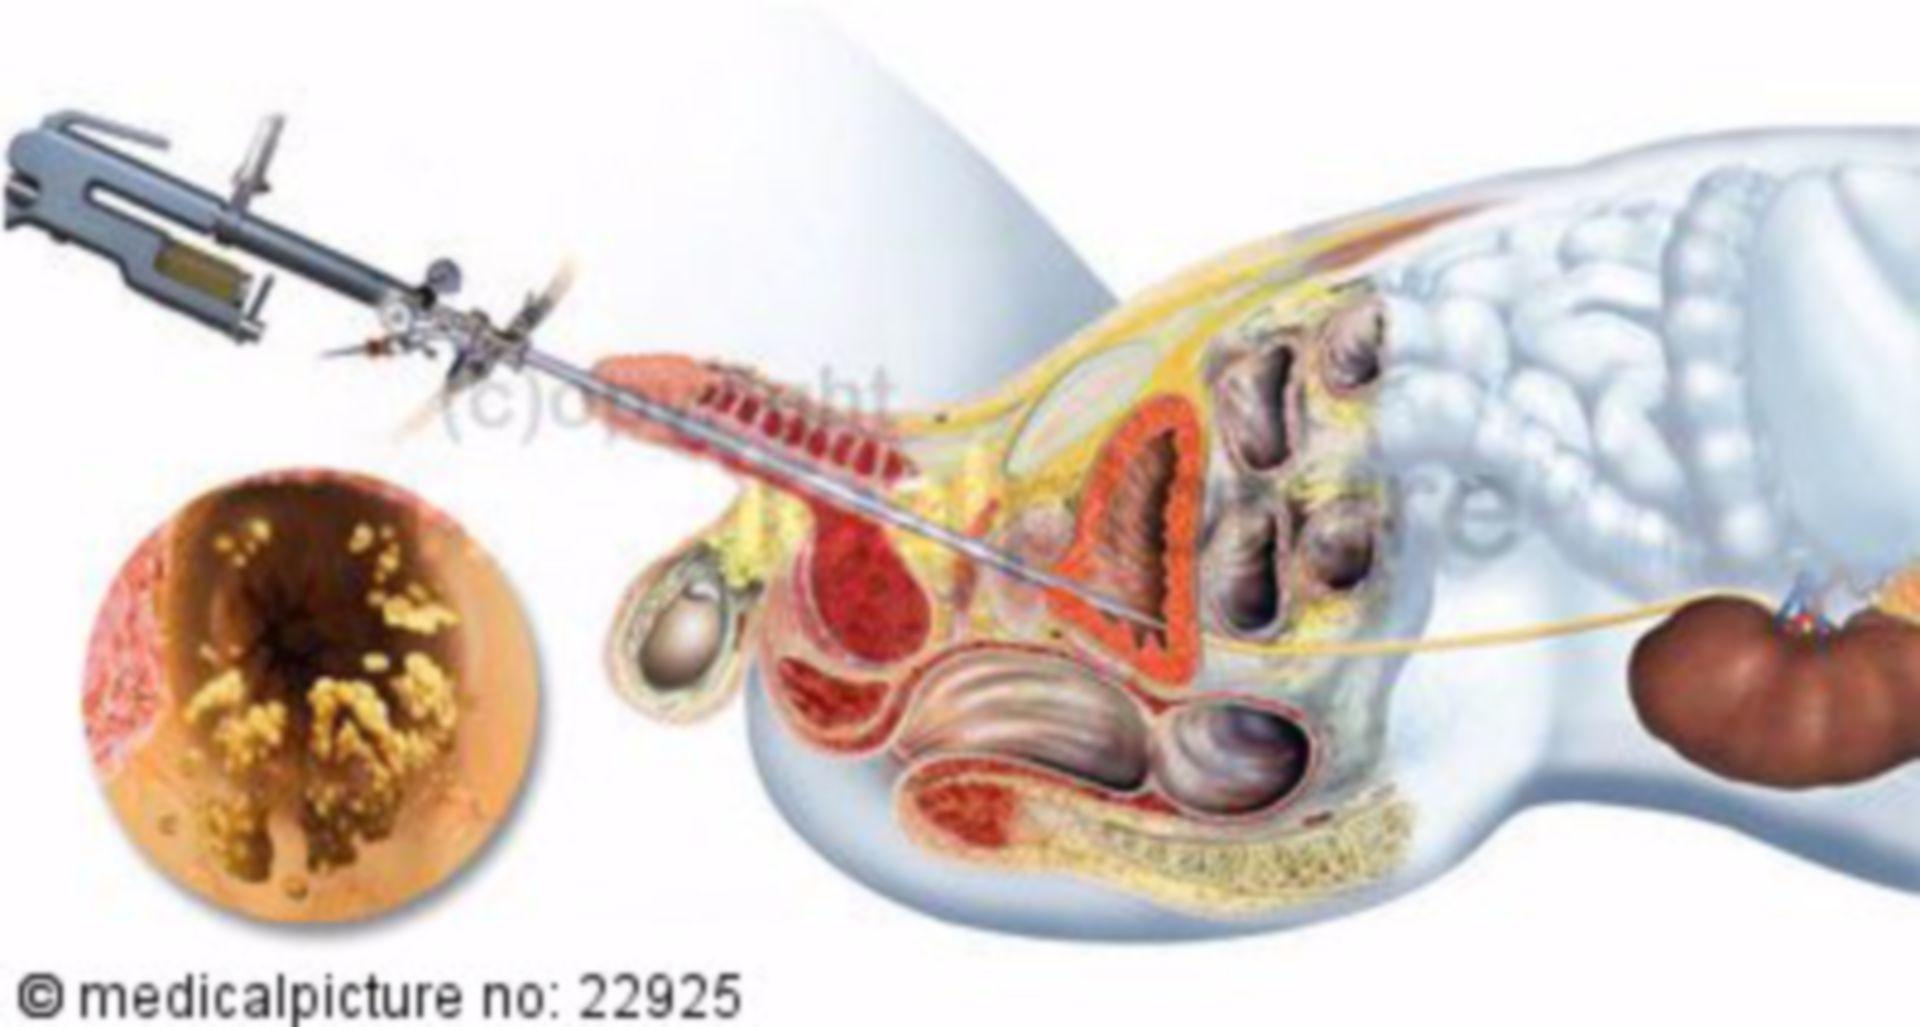 Rimozione ureteroscopica di calcoli ureterali, parte inferiore del corpo maschile